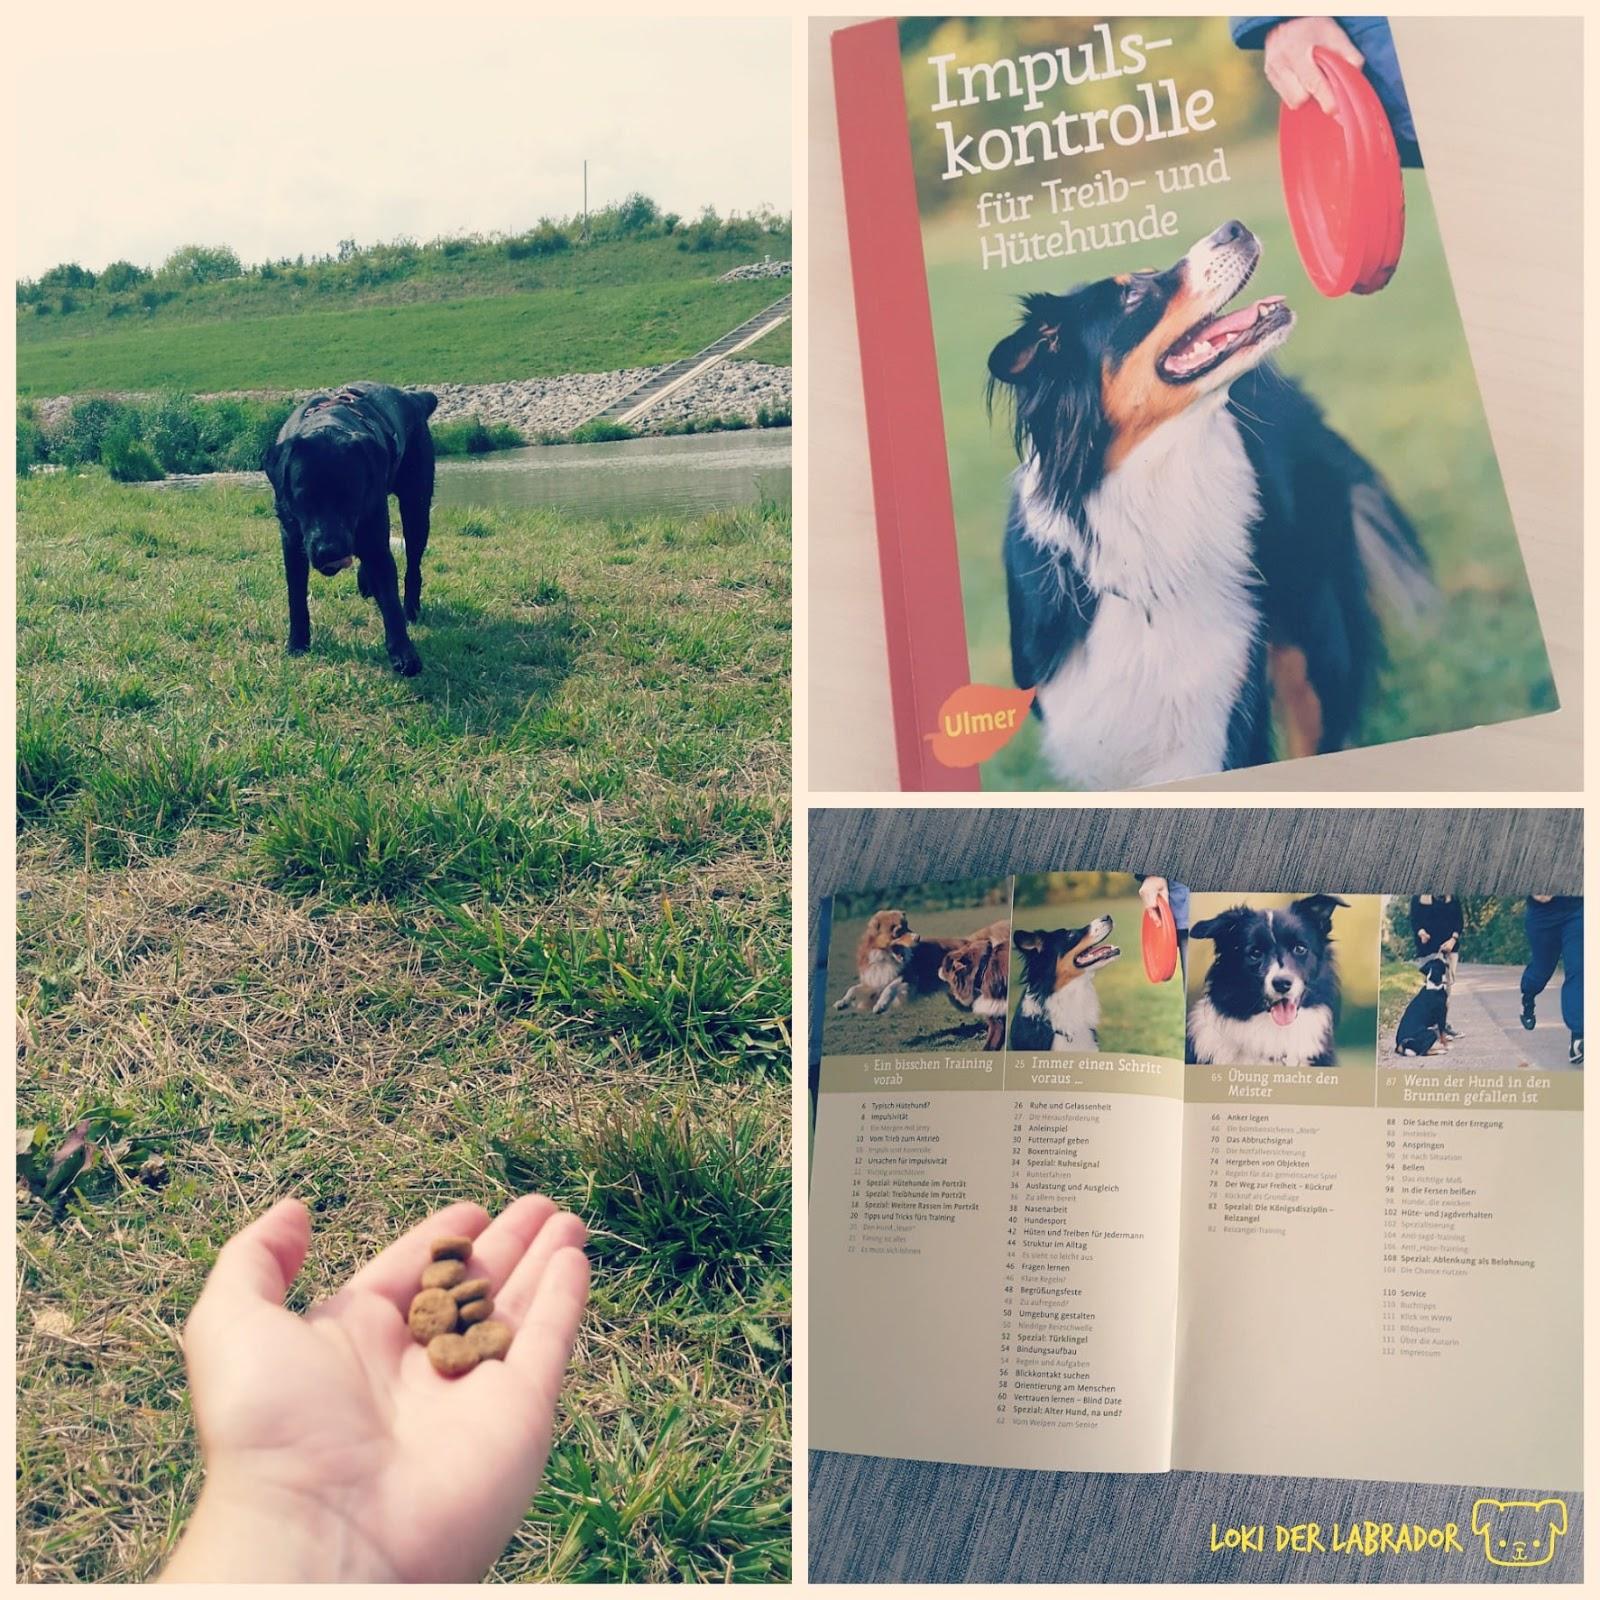 Fotocollage Impulskontrolle Buch Futter